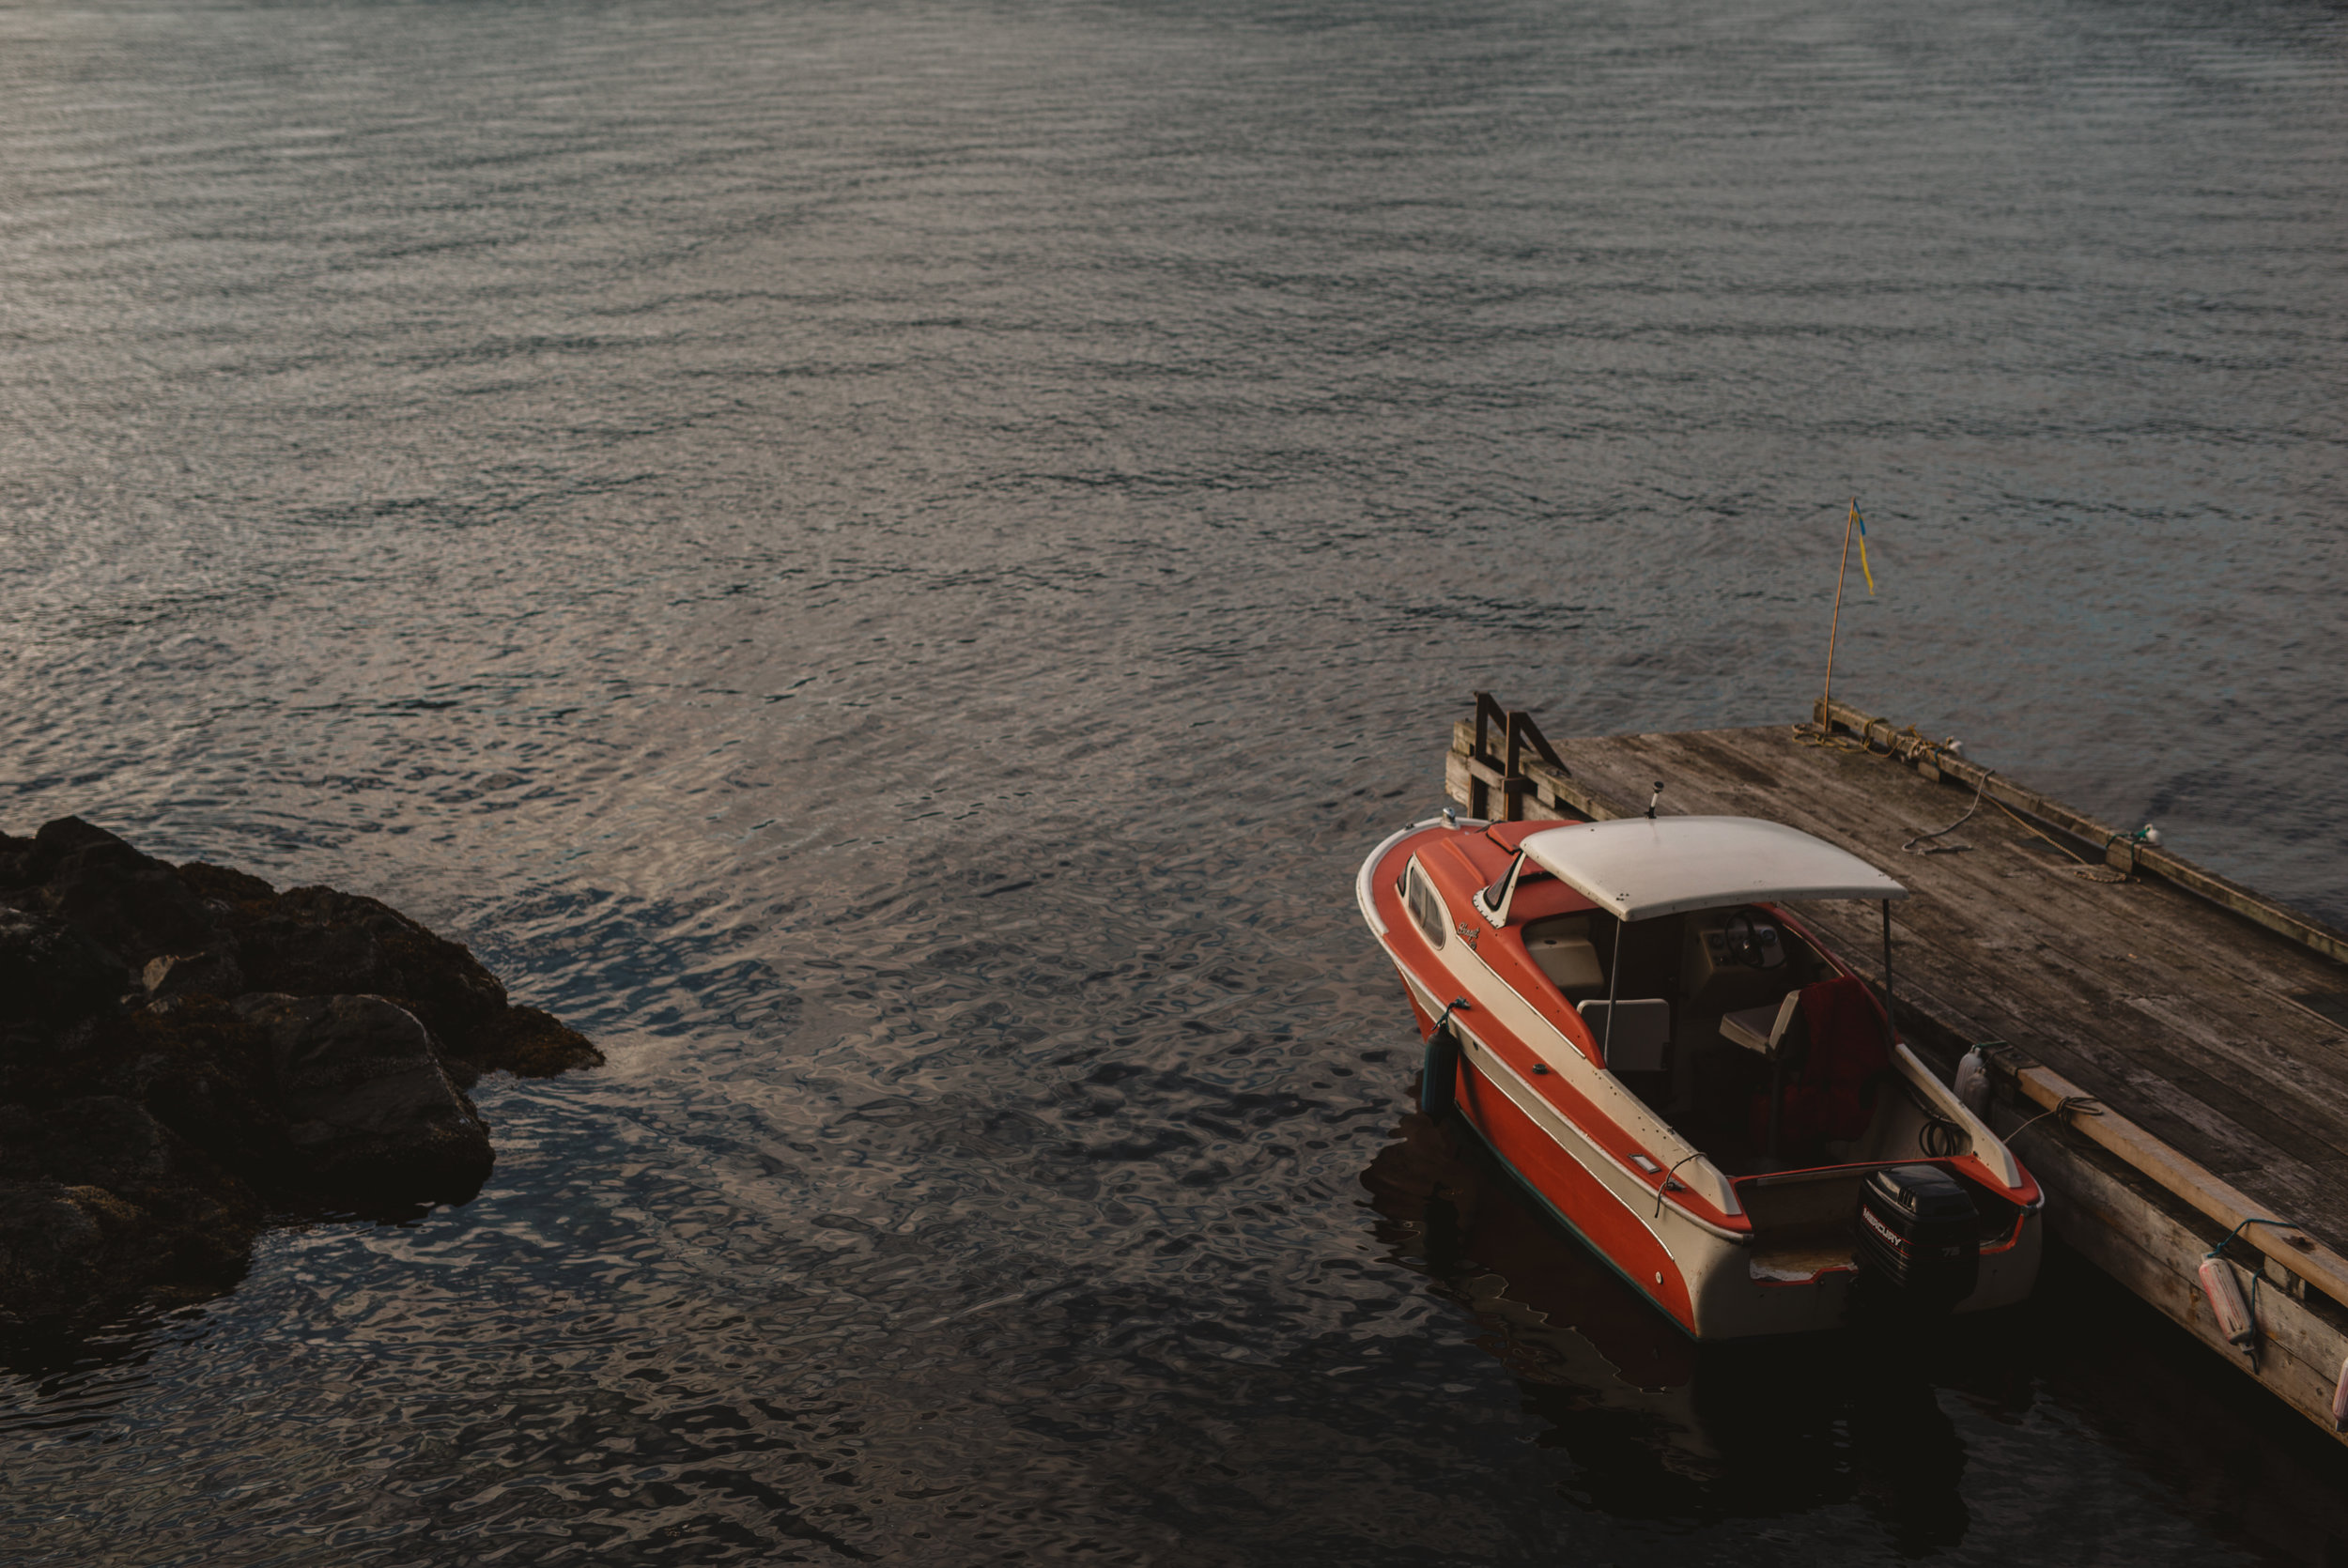 Keats Island Engagement Photos - Sunshine Coast Engagement Photos - Sunshine Coast Wedding Photographer - Vancovuer Wedding Photographer - Jennifer Picard Photography - IMG_0037.jpg